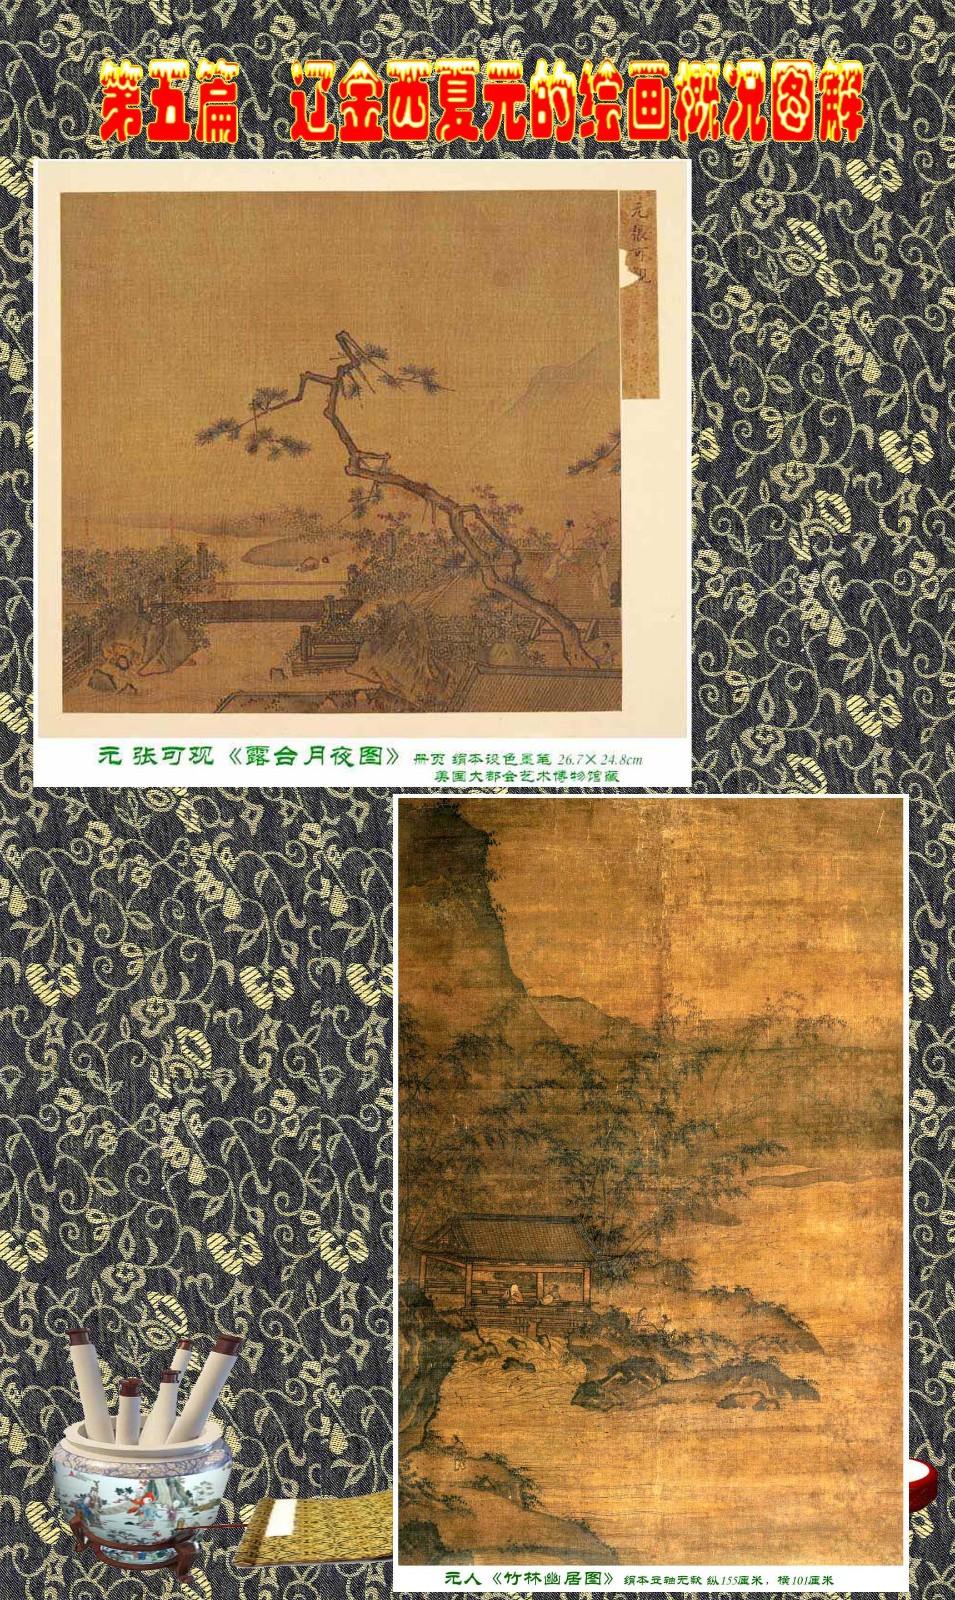 顾绍骅编辑 中国画知识普及版 第五篇 辽金西夏元的绘画概况 下 ... ..._图1-111